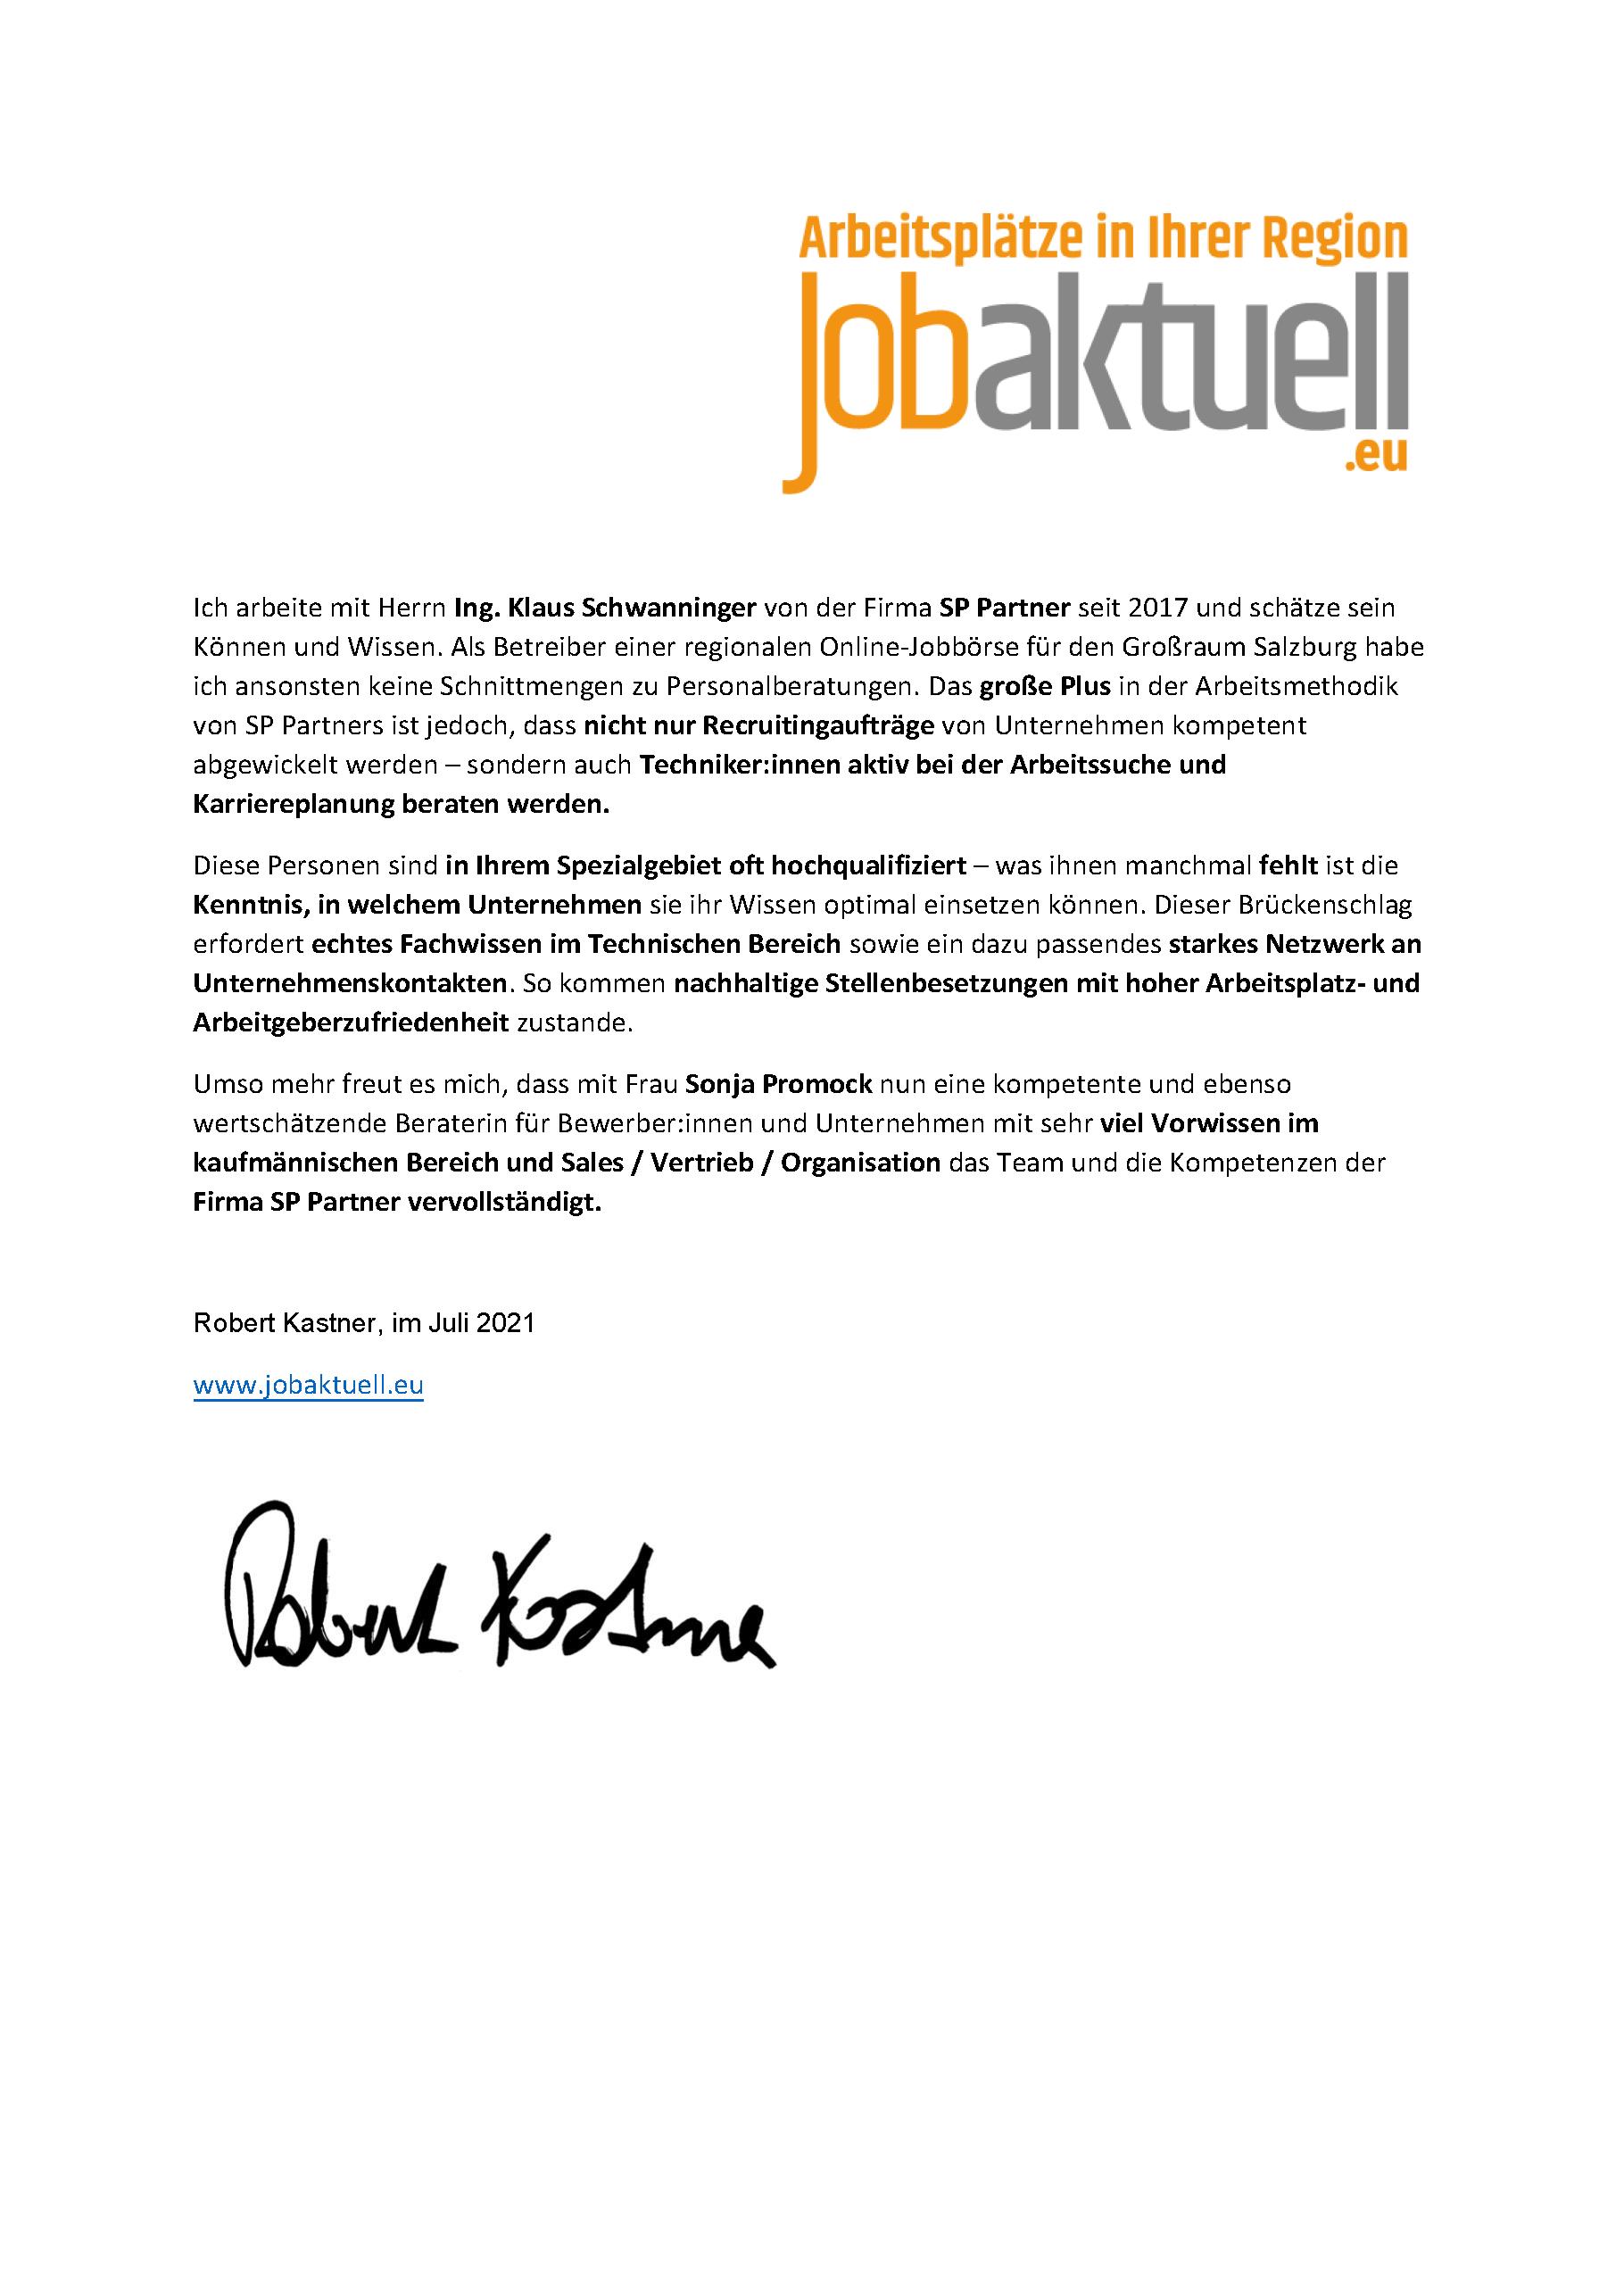 Referenzschreiben der Jobaktuell Salzburg an SP & Partner